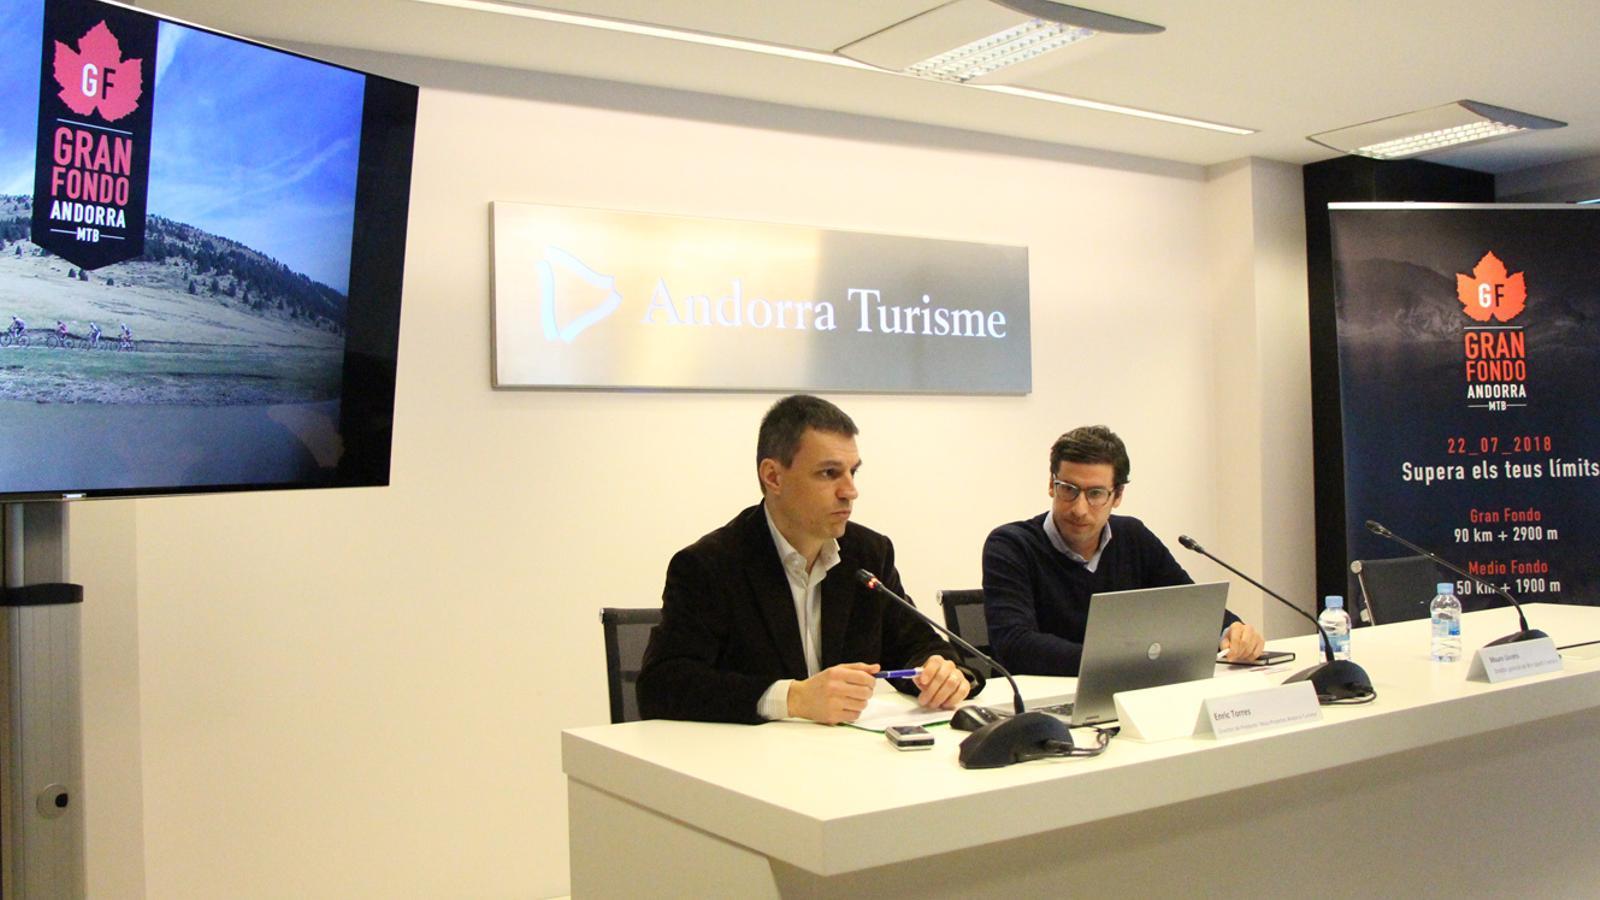 El director de Nous Projectes d'Andorra Turisme, Enric Torres, i el director general de Win Sports Factory, Mauro Llorens, en la presentació de la primera marxa Gran Fondo Family. / E. J. M. (ANA)